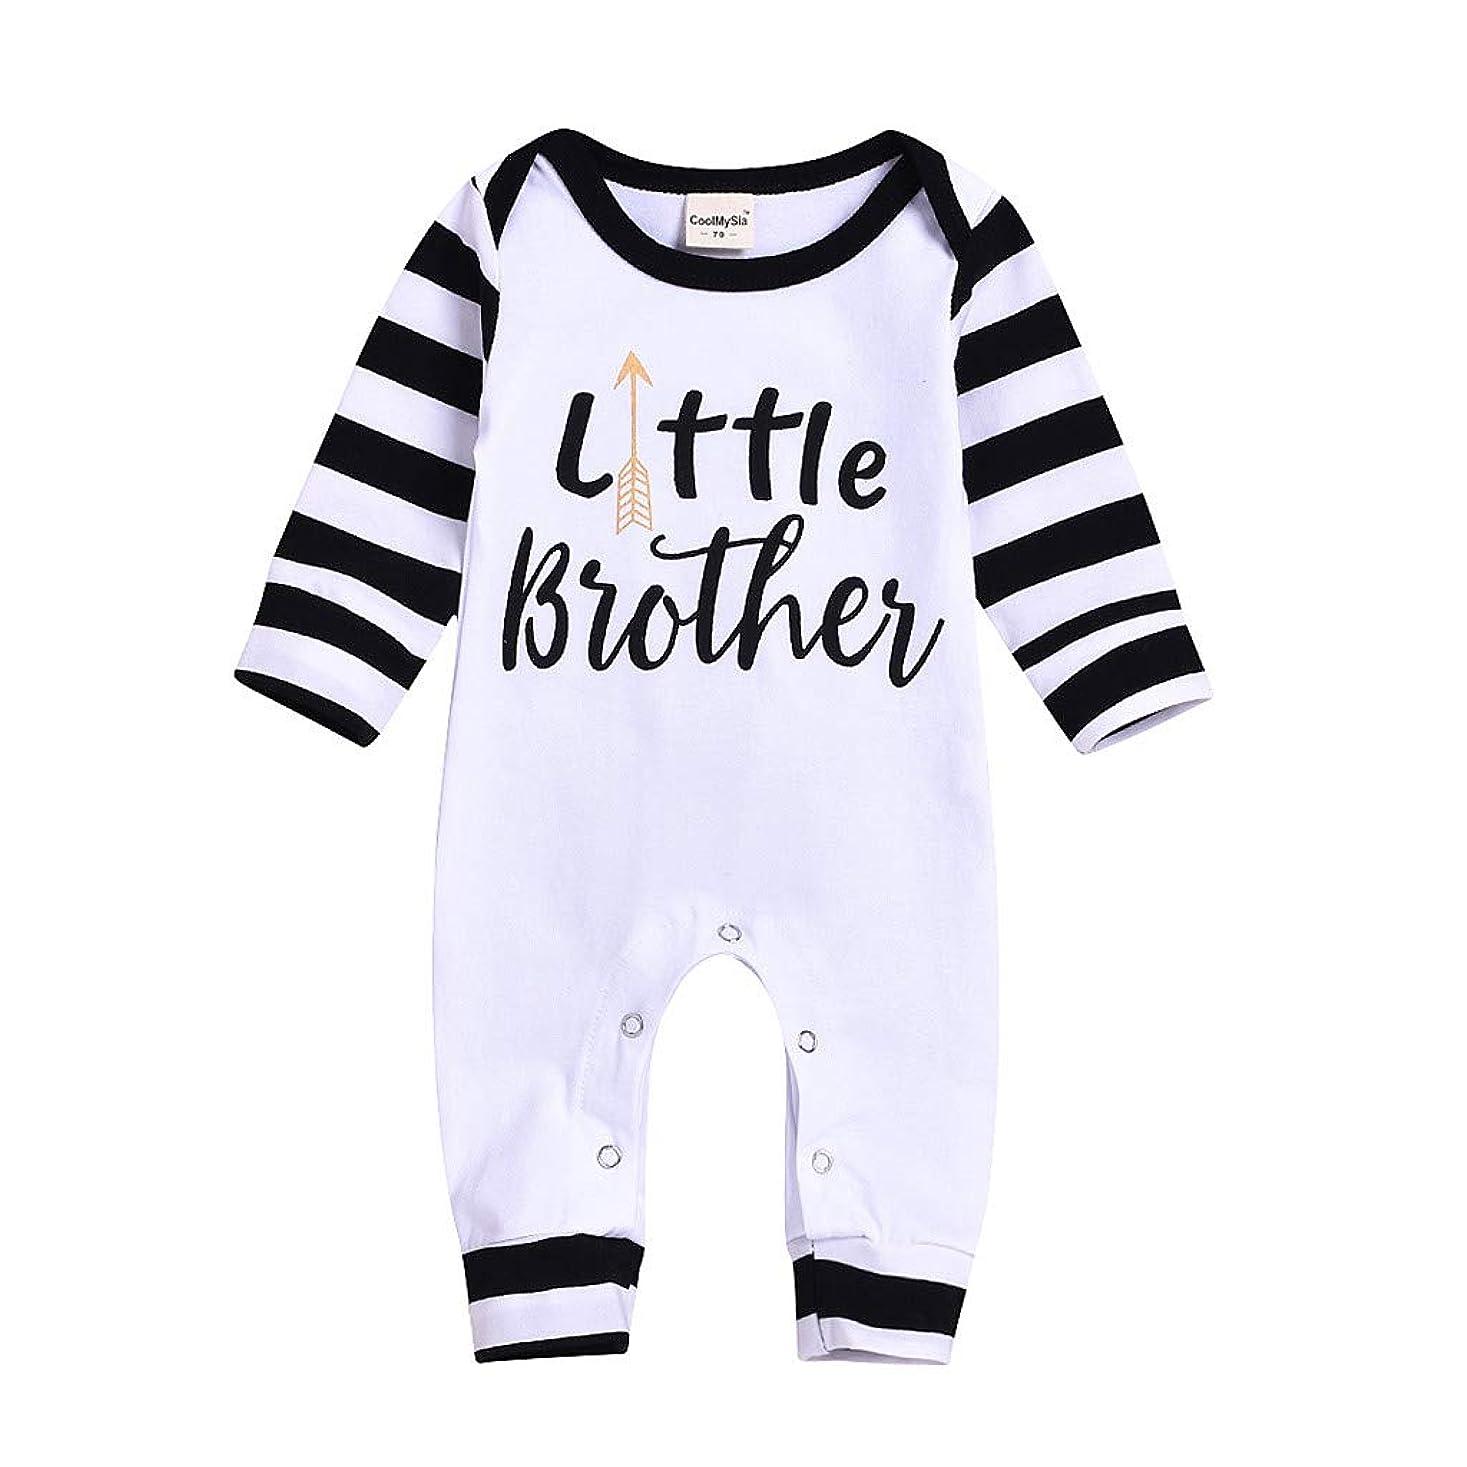 こねる人口欠如幼児の男の子ハロウィンTシャツ屋外かわいいルースソフト快適なブラウストップス幼児 生まれたばかりの赤ちゃんの女の子男の子レターストライプ長袖コットンロンパースジャンプスーツ